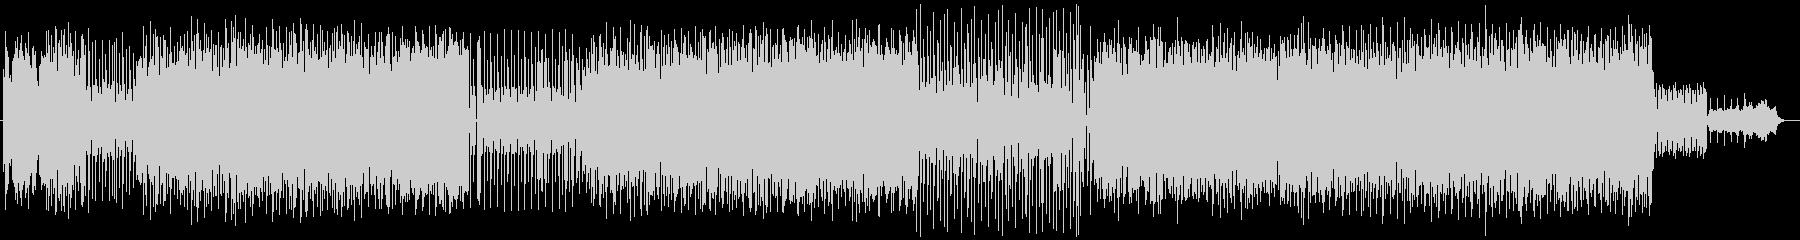 シンセサイザーによるかわいらしいポップスの未再生の波形